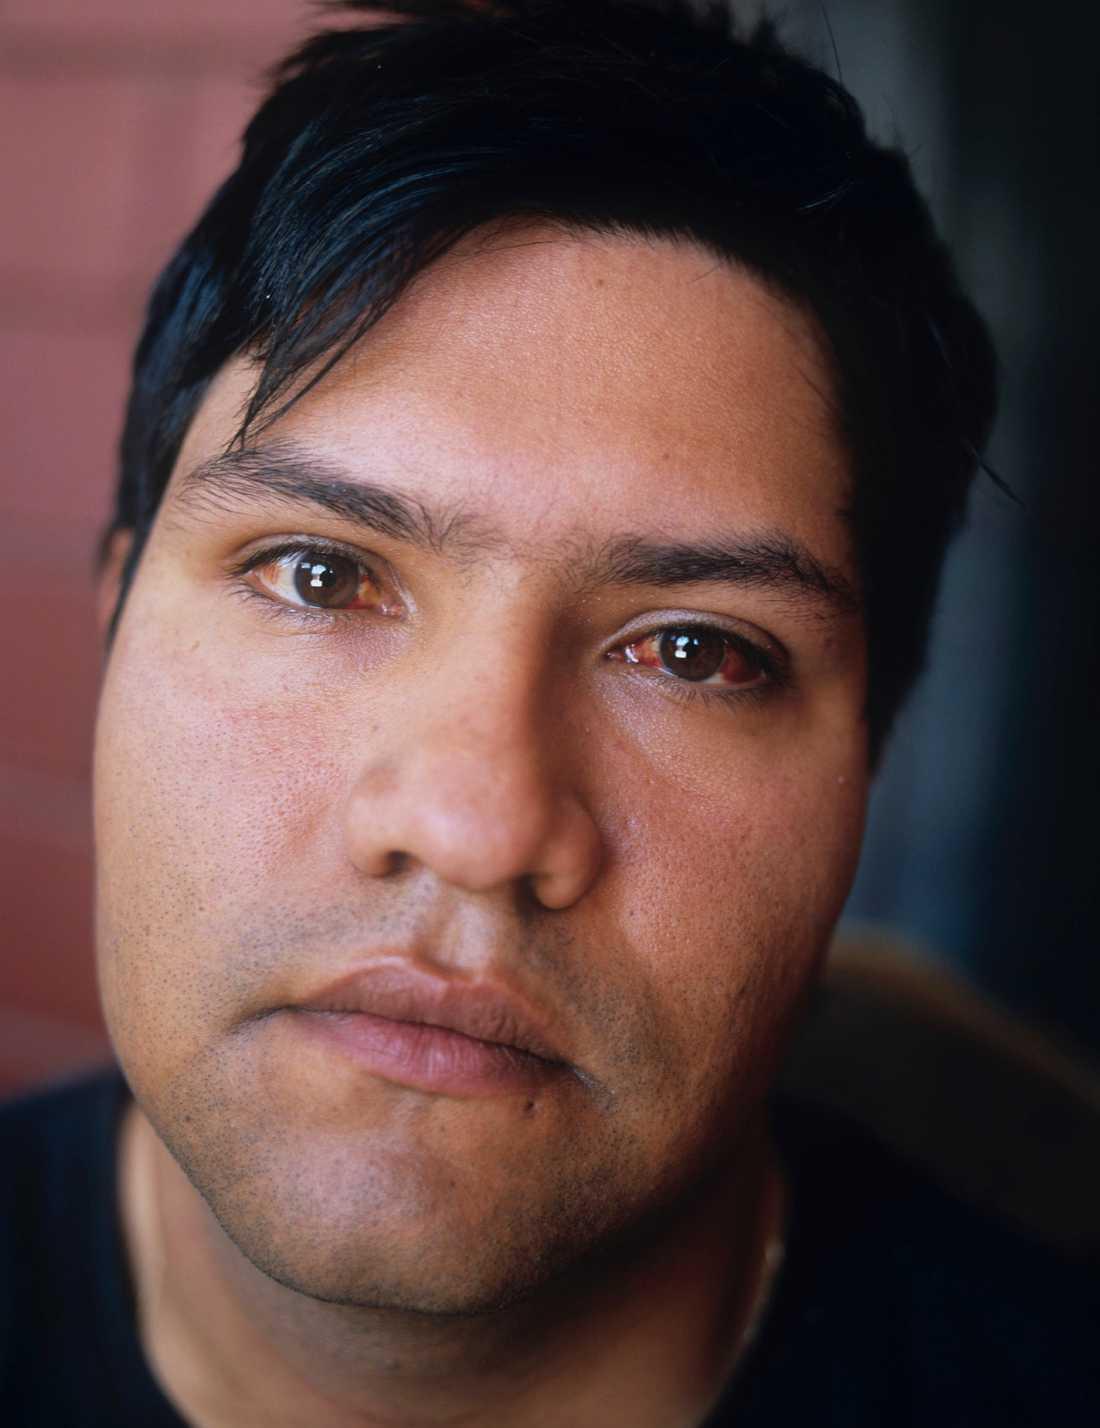 Elvis Rojas Rojas får njursten minst en gång om året, han lider också bland annat av högt blodtryck, så pass att hans ögon fylls med blod.